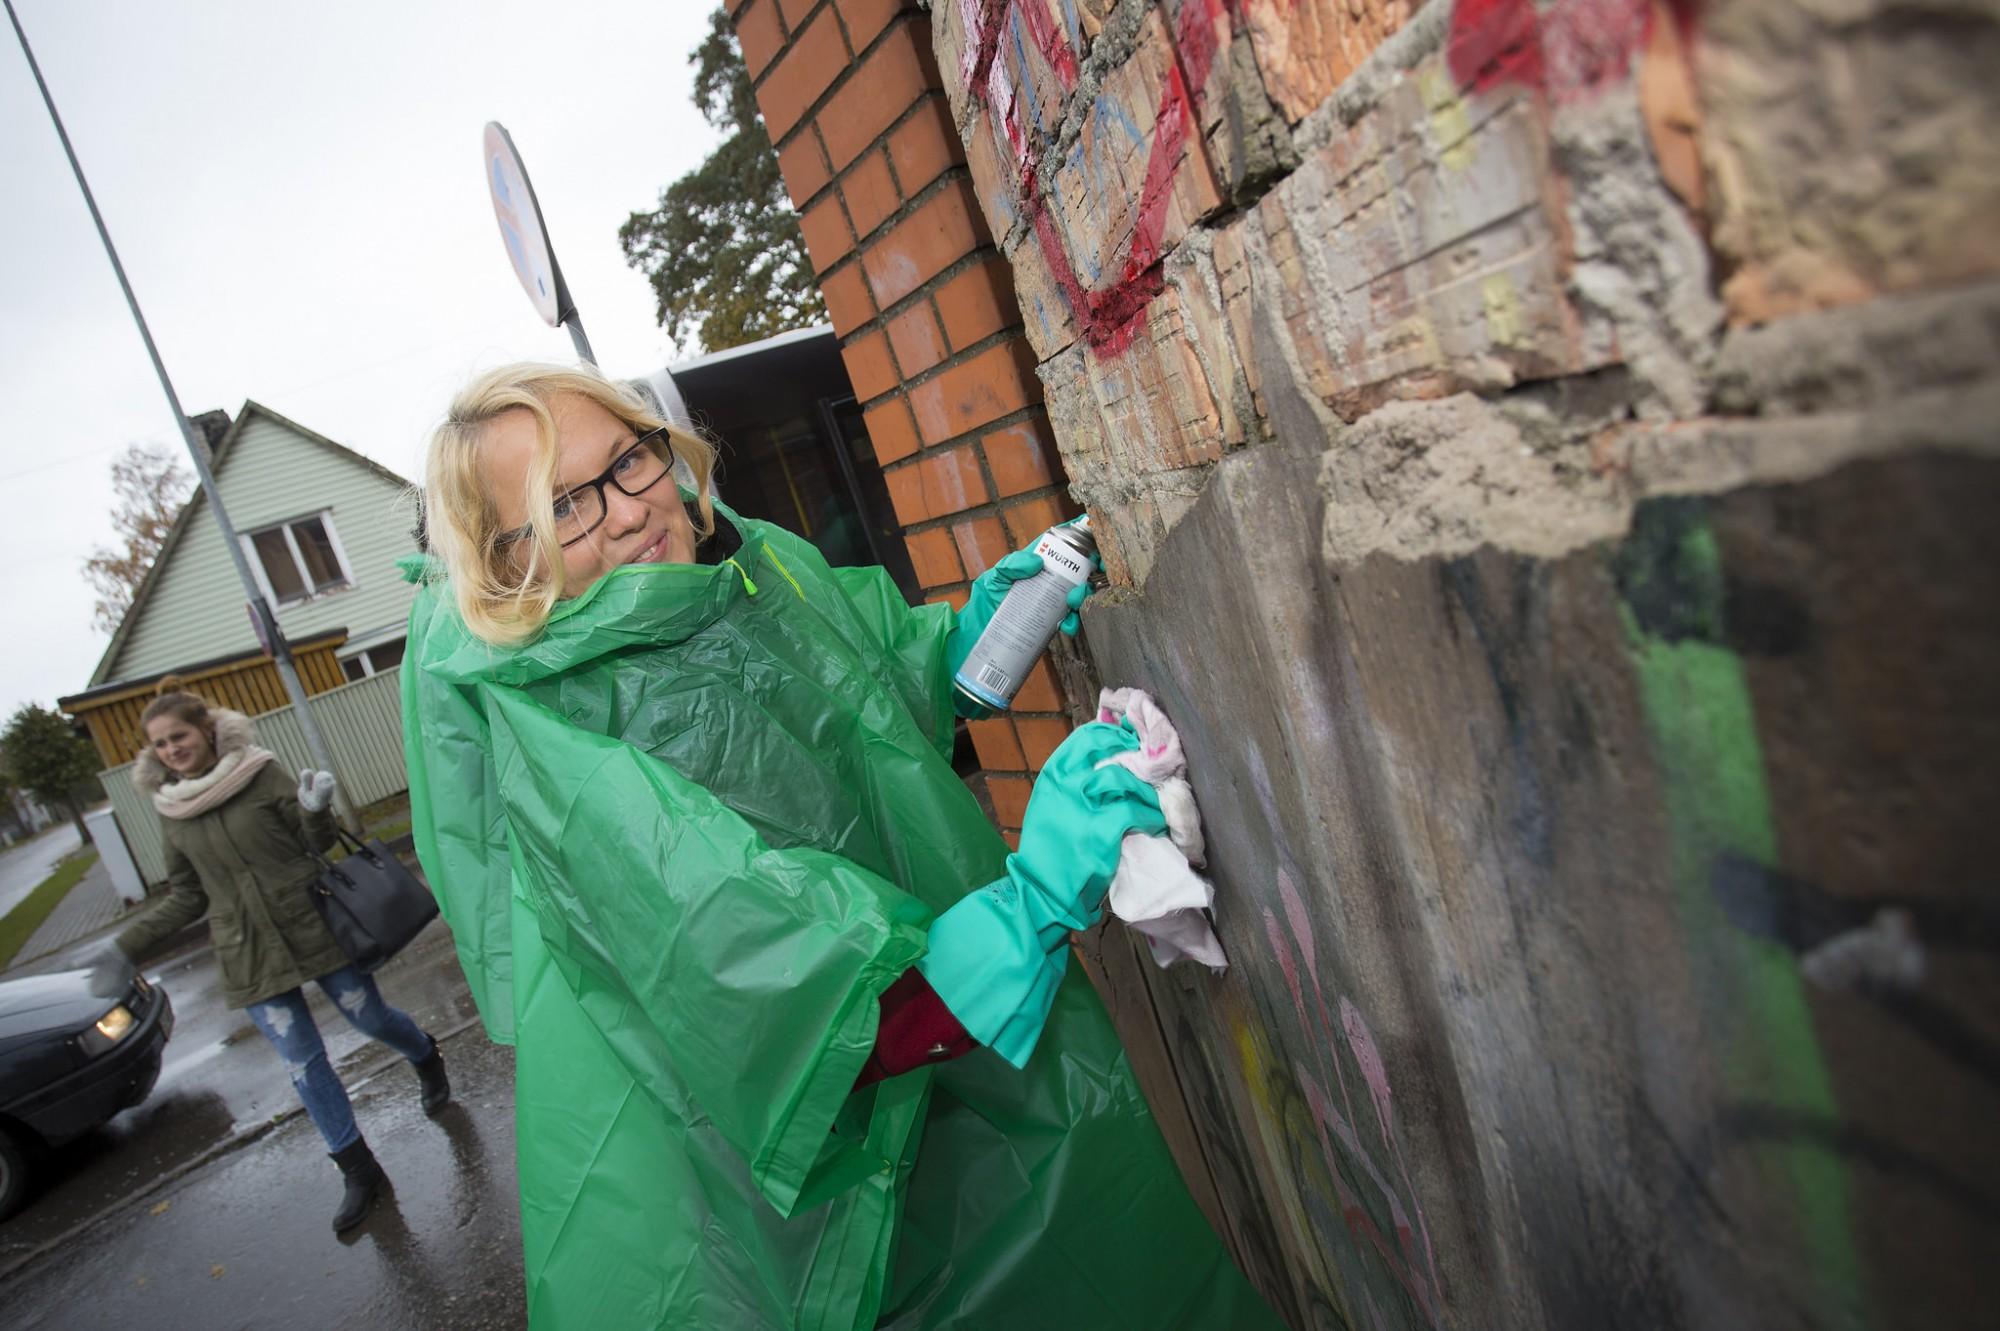 Var saņemt pašvaldības līdzfinansējumu dzīvojamo māju fasāžu attīrīšanai no ķēpājumiem